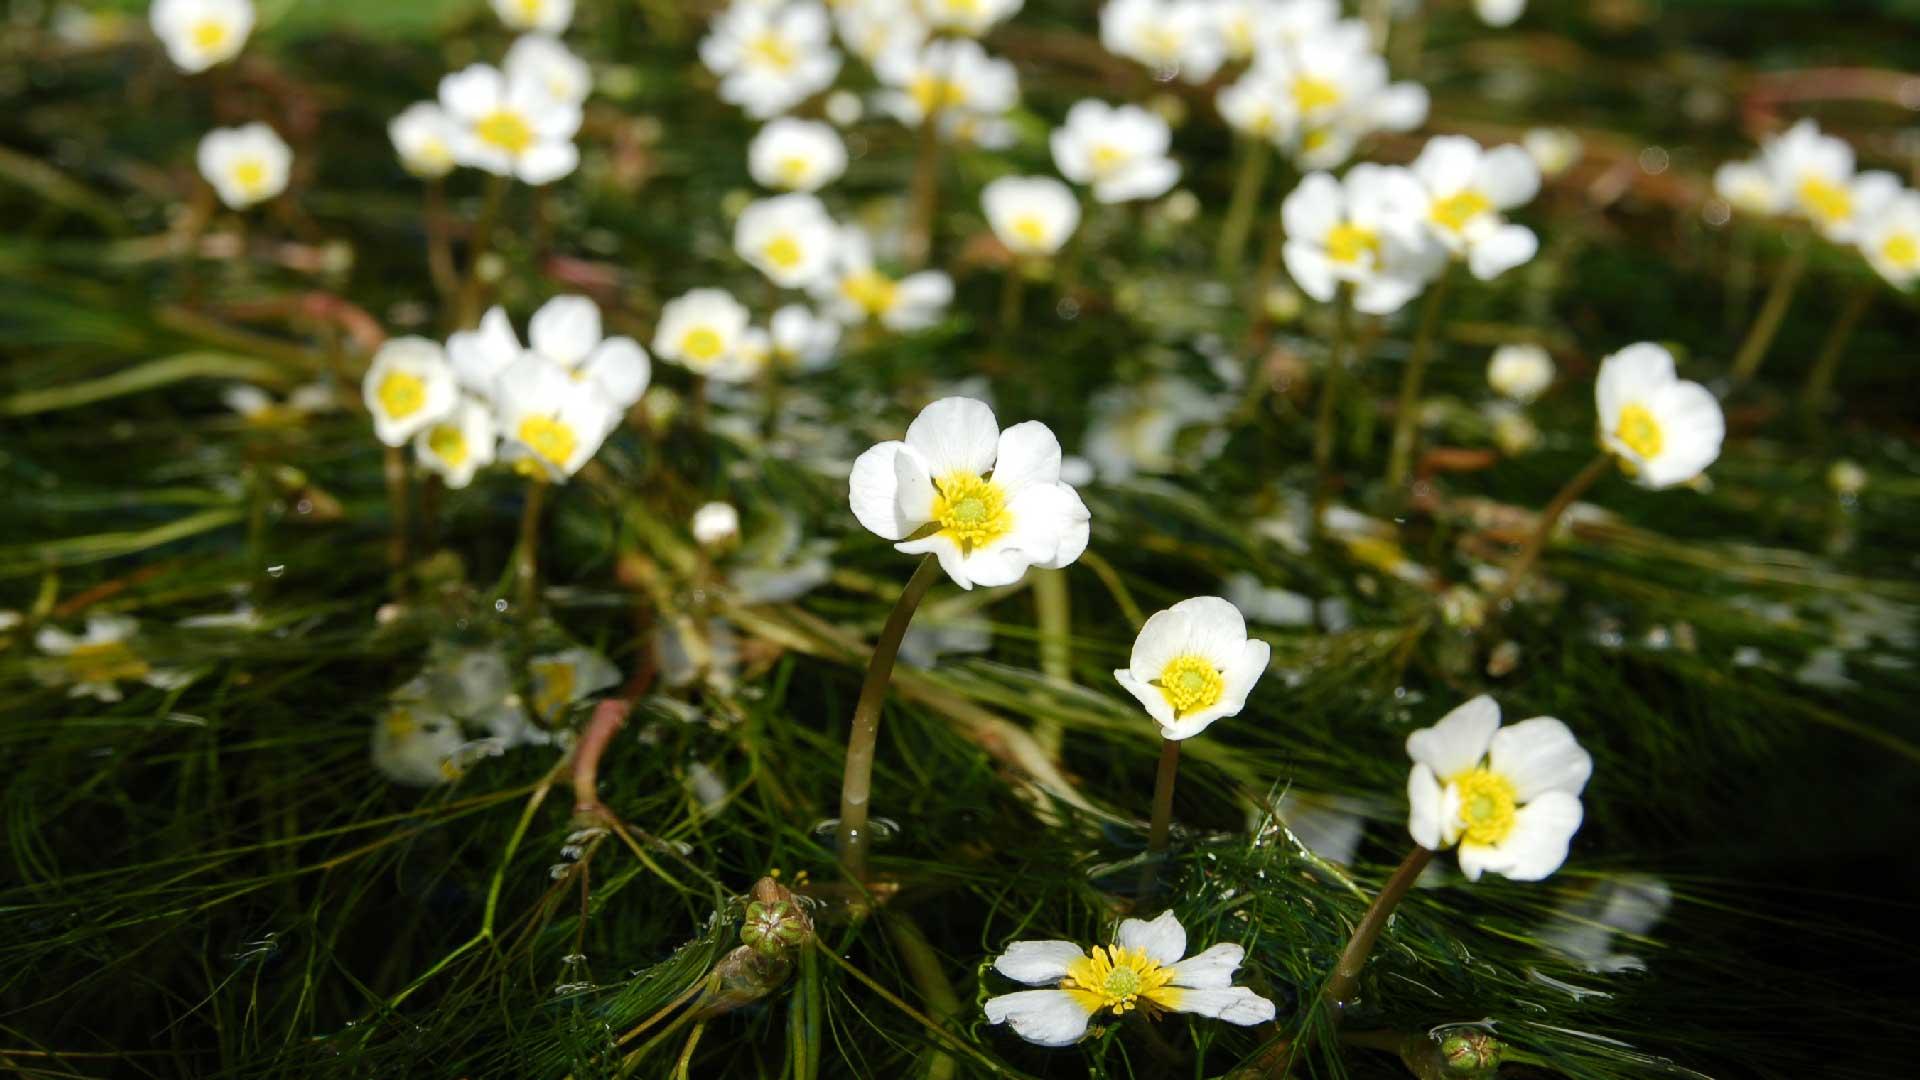 Närbild på jättemöjans vita blommor. Foto: Karin Magntorn